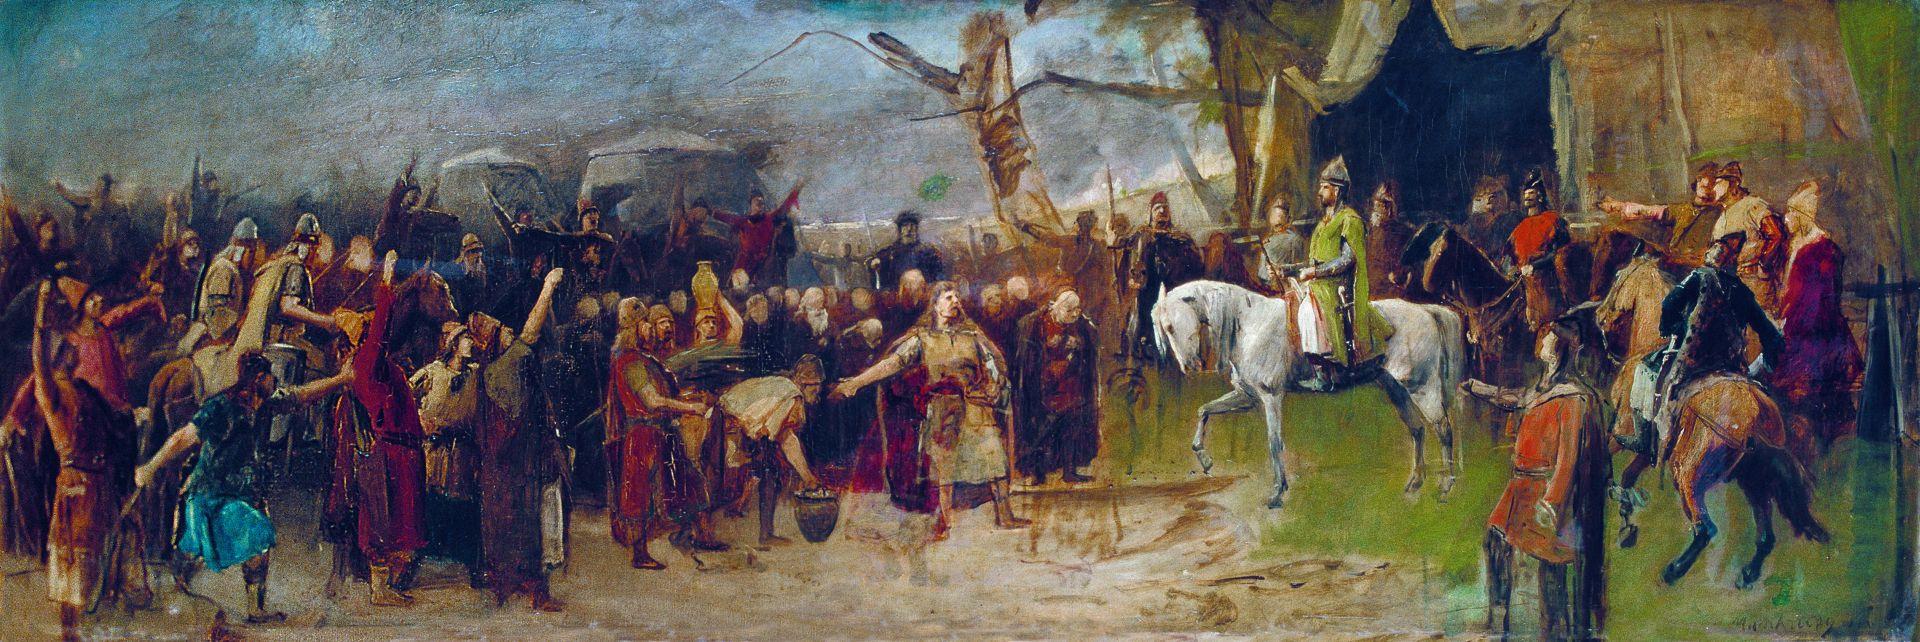 Михай Либ Мункачи. Завоевание. Поселение мадьяр в Венгрии. Эскиз